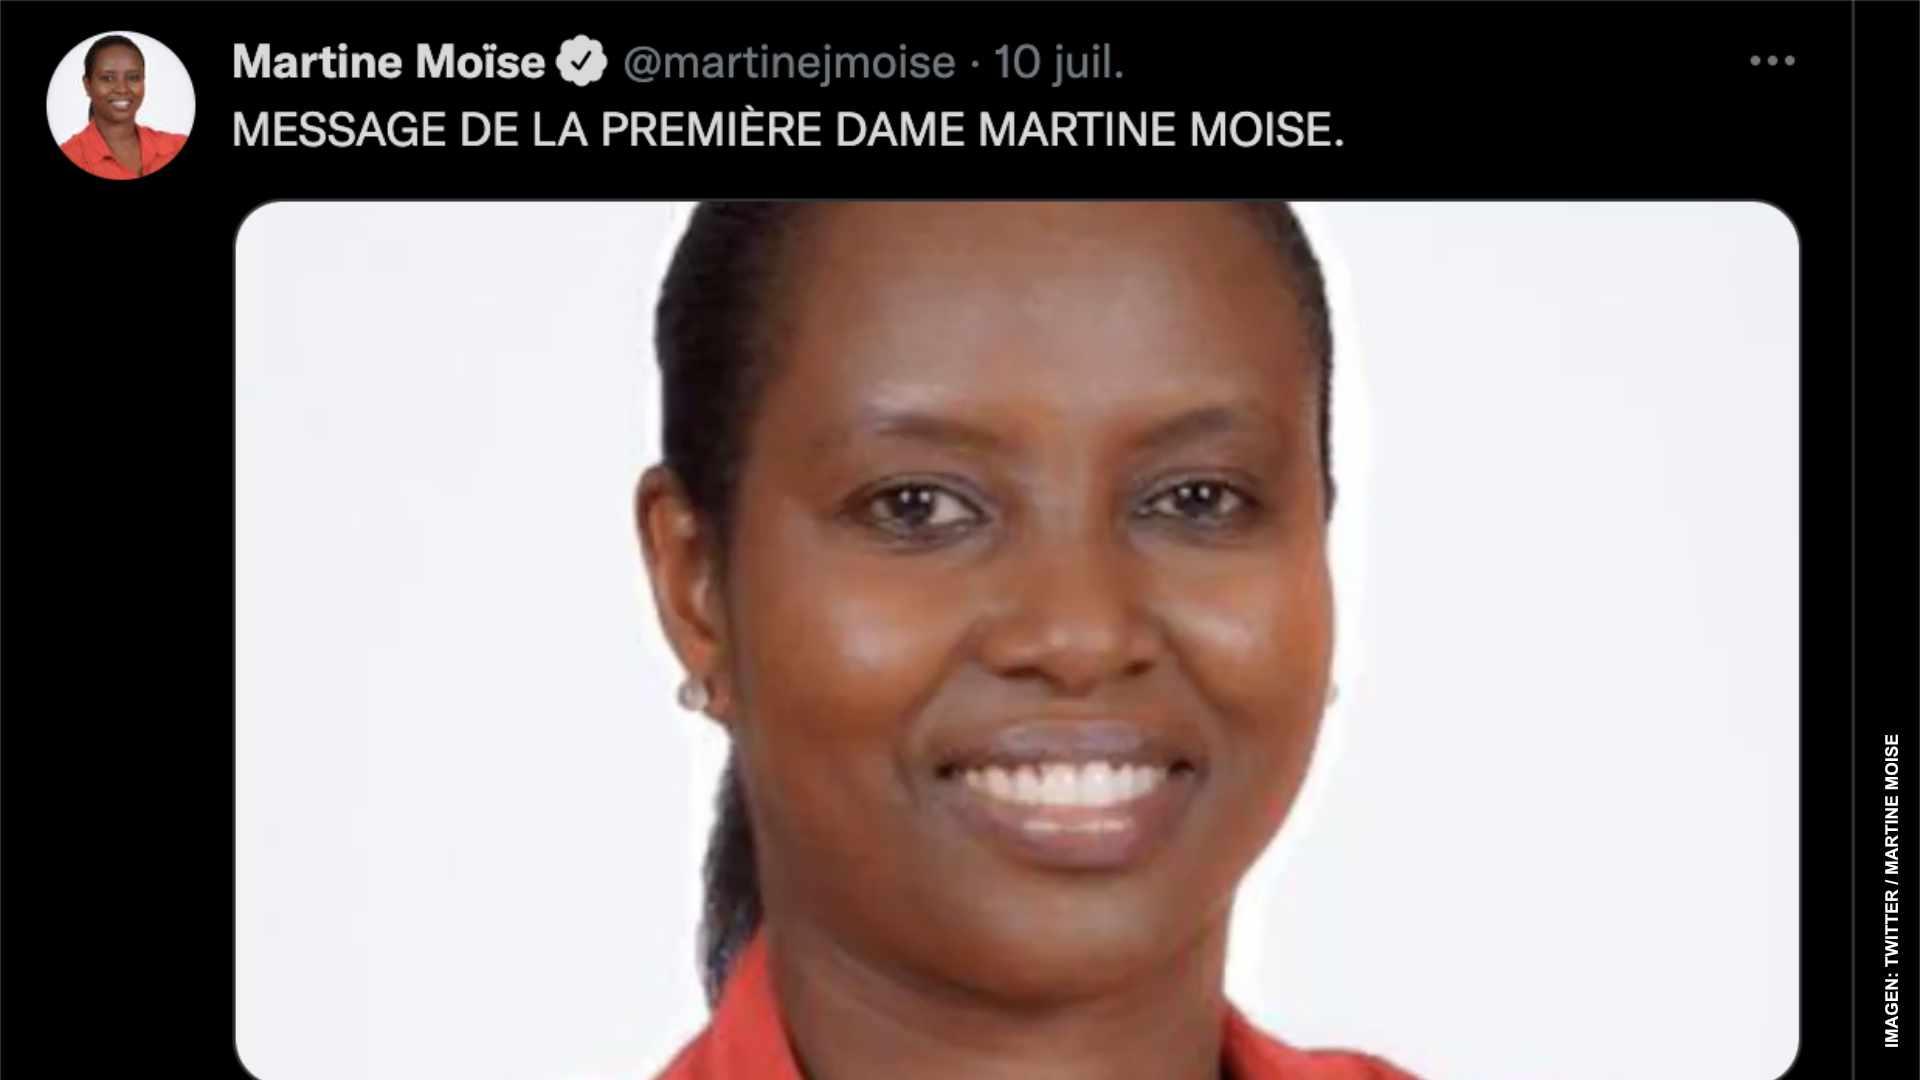 Primera dama de Haití llama a seguir lucha de su esposo